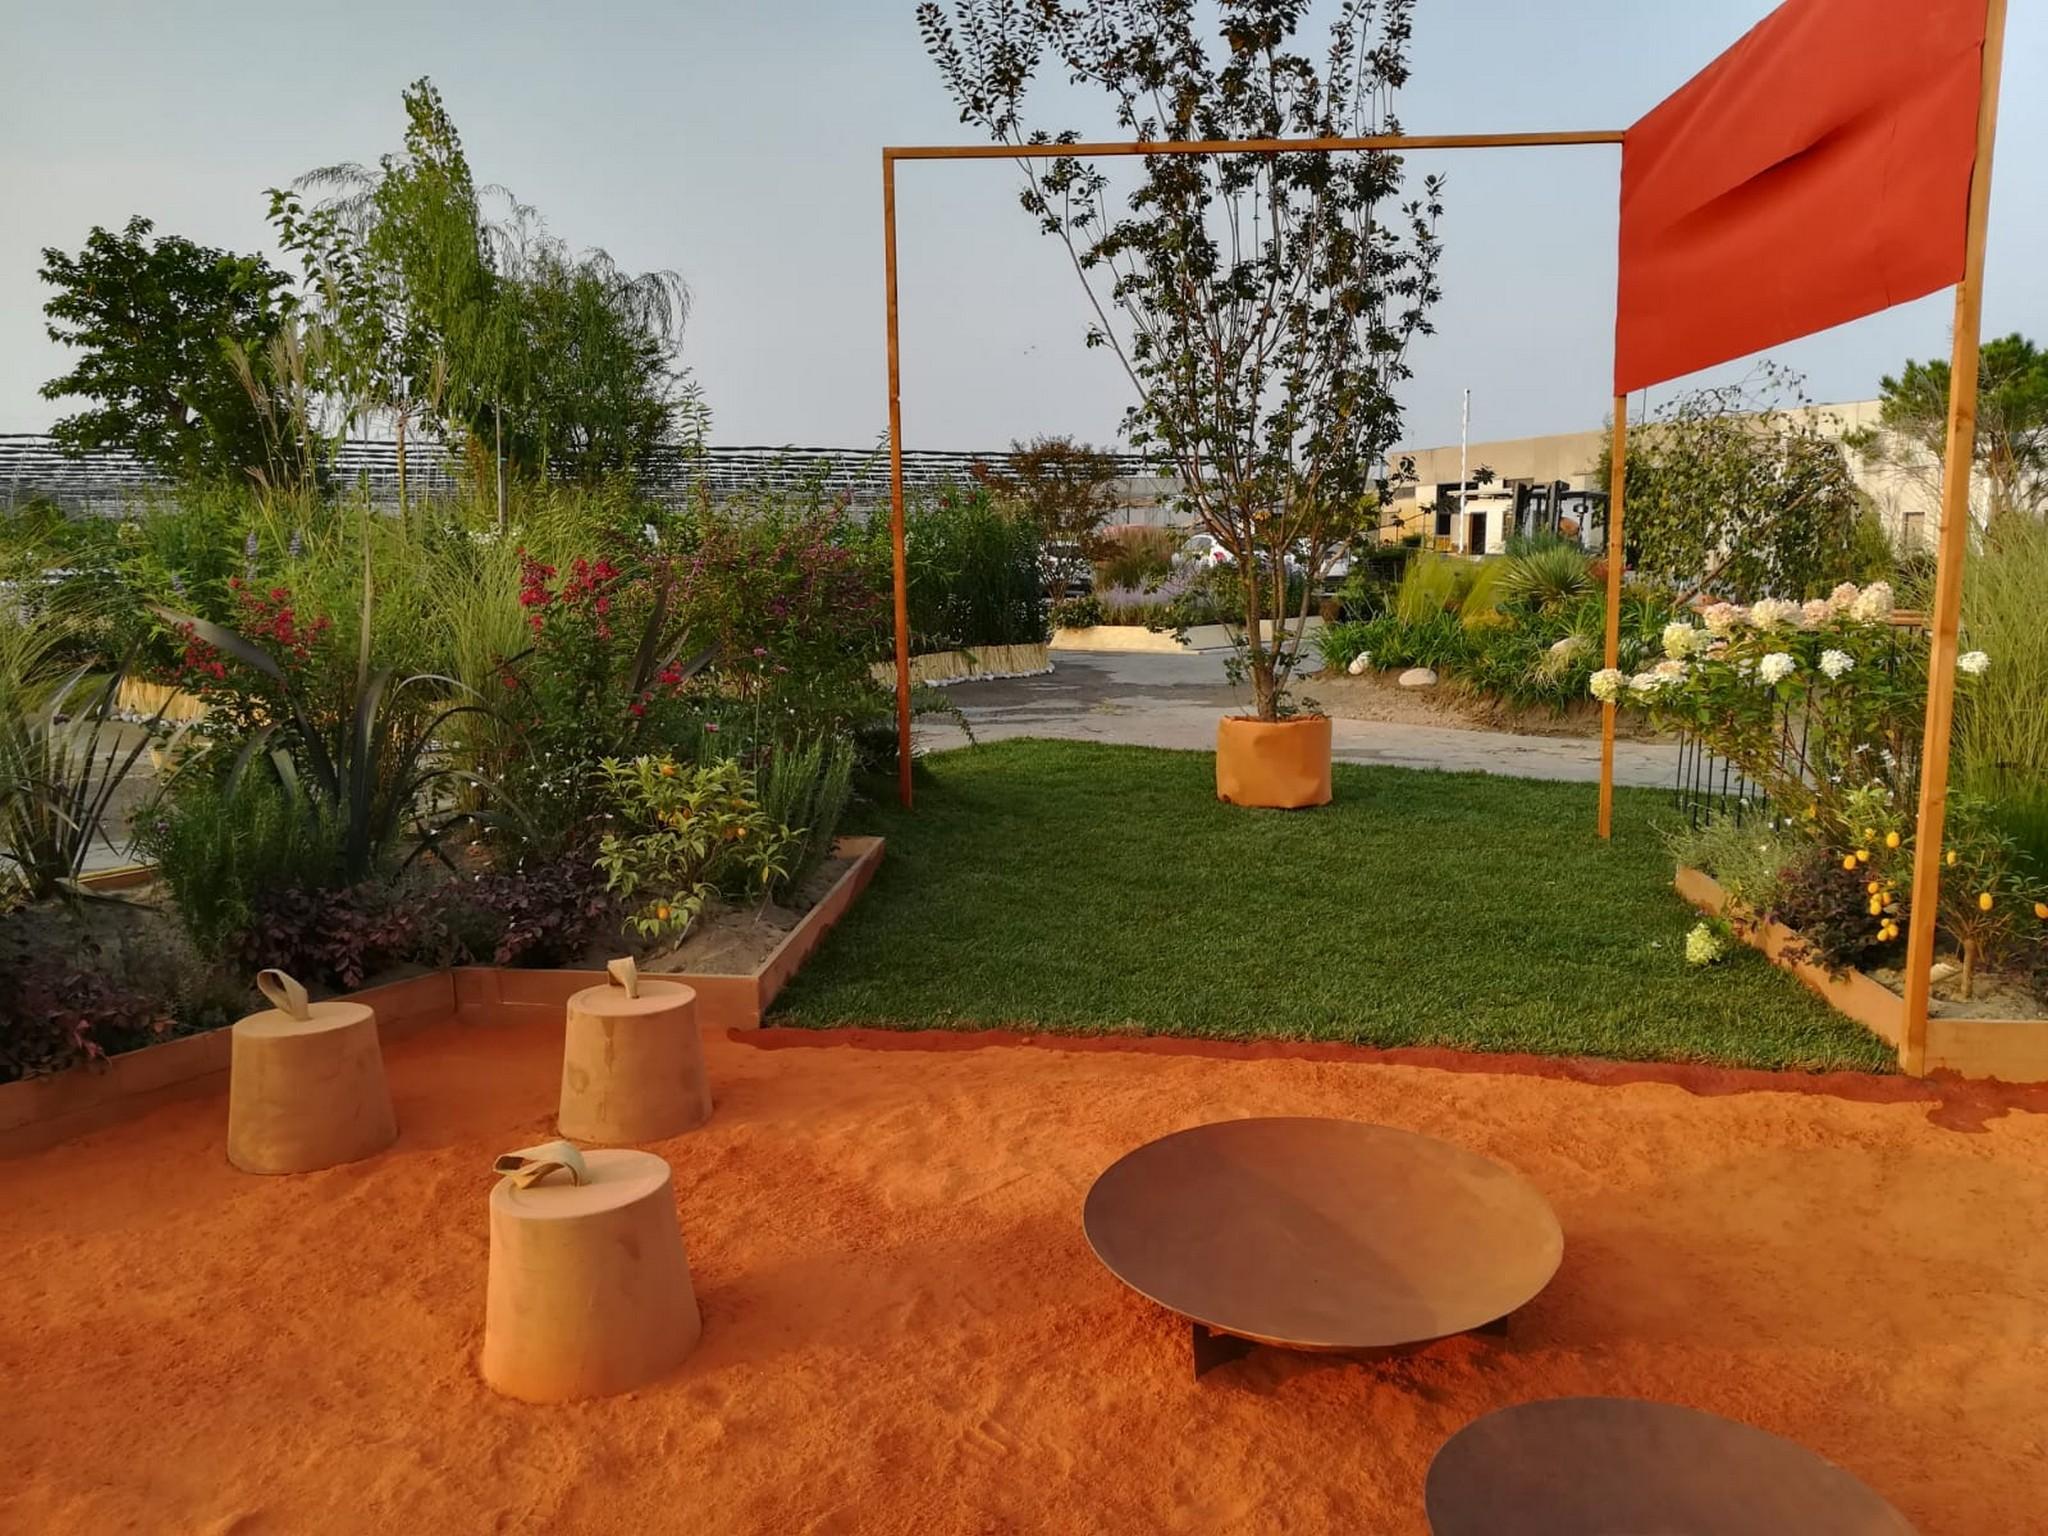 Concorso giardini Verdeggiando_169 Il valore del verde (BP277) Barbara Ponti